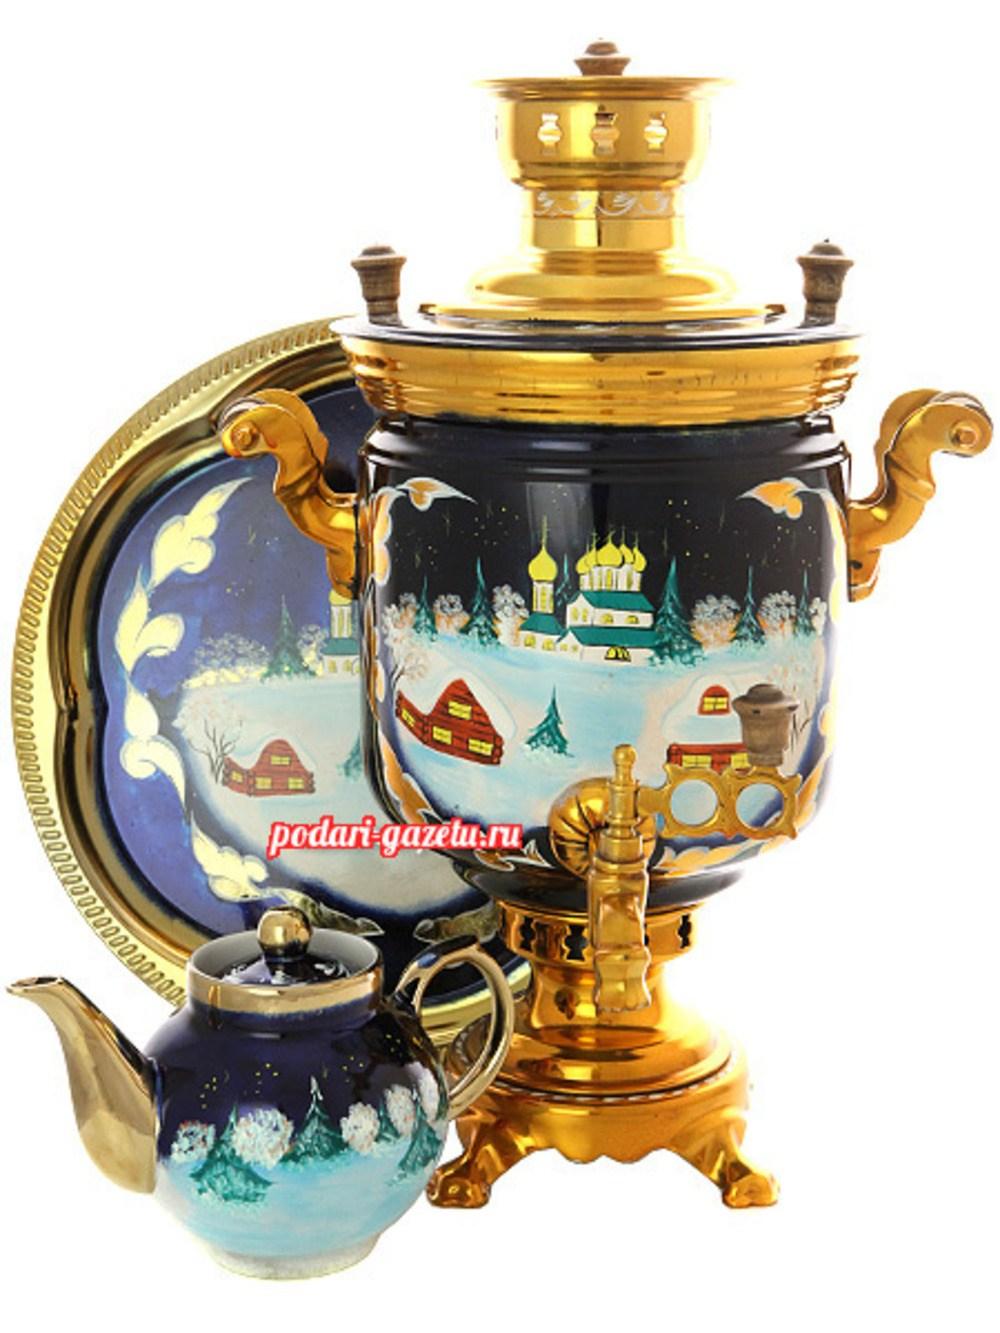 Набор: угольный самовар (жаровый, дровяной) на 5 литров цилиндр с художественной росписью Зимний вечер